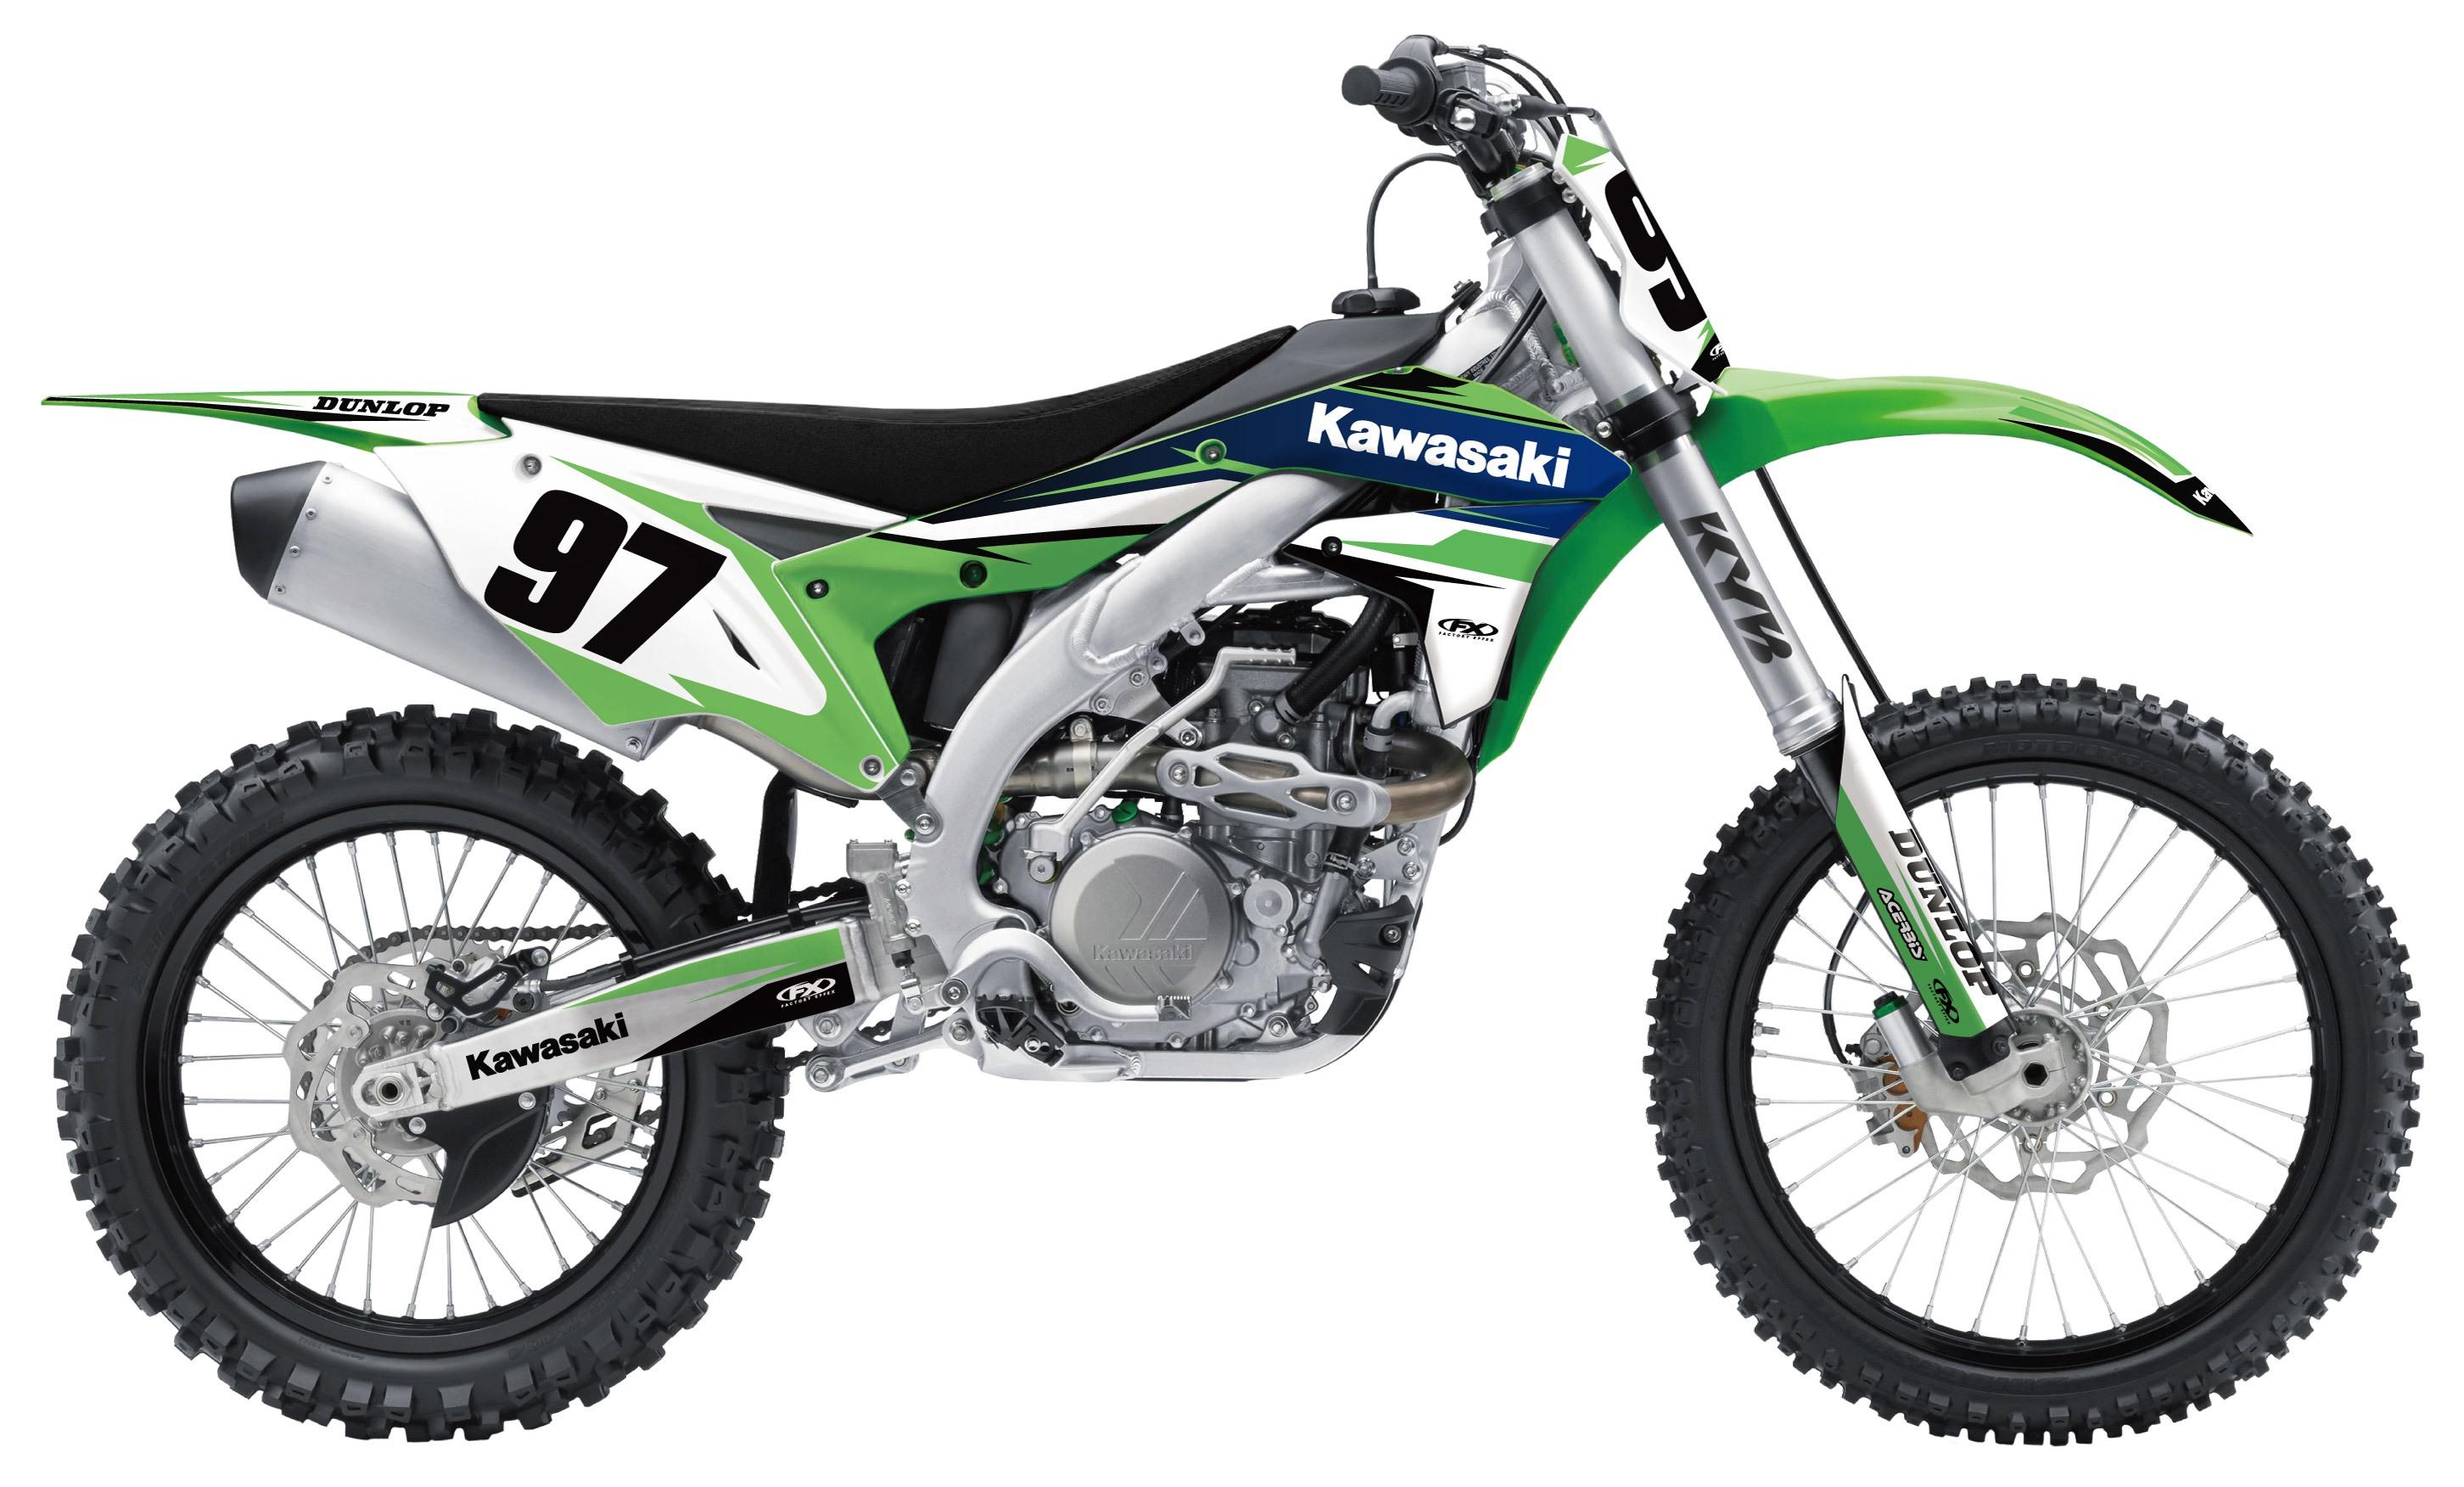 Fits ACERBIS REAR FENDER Kawasaki KX85,KX100,KX80,KX80 Big Wheel Suzuki GREEN